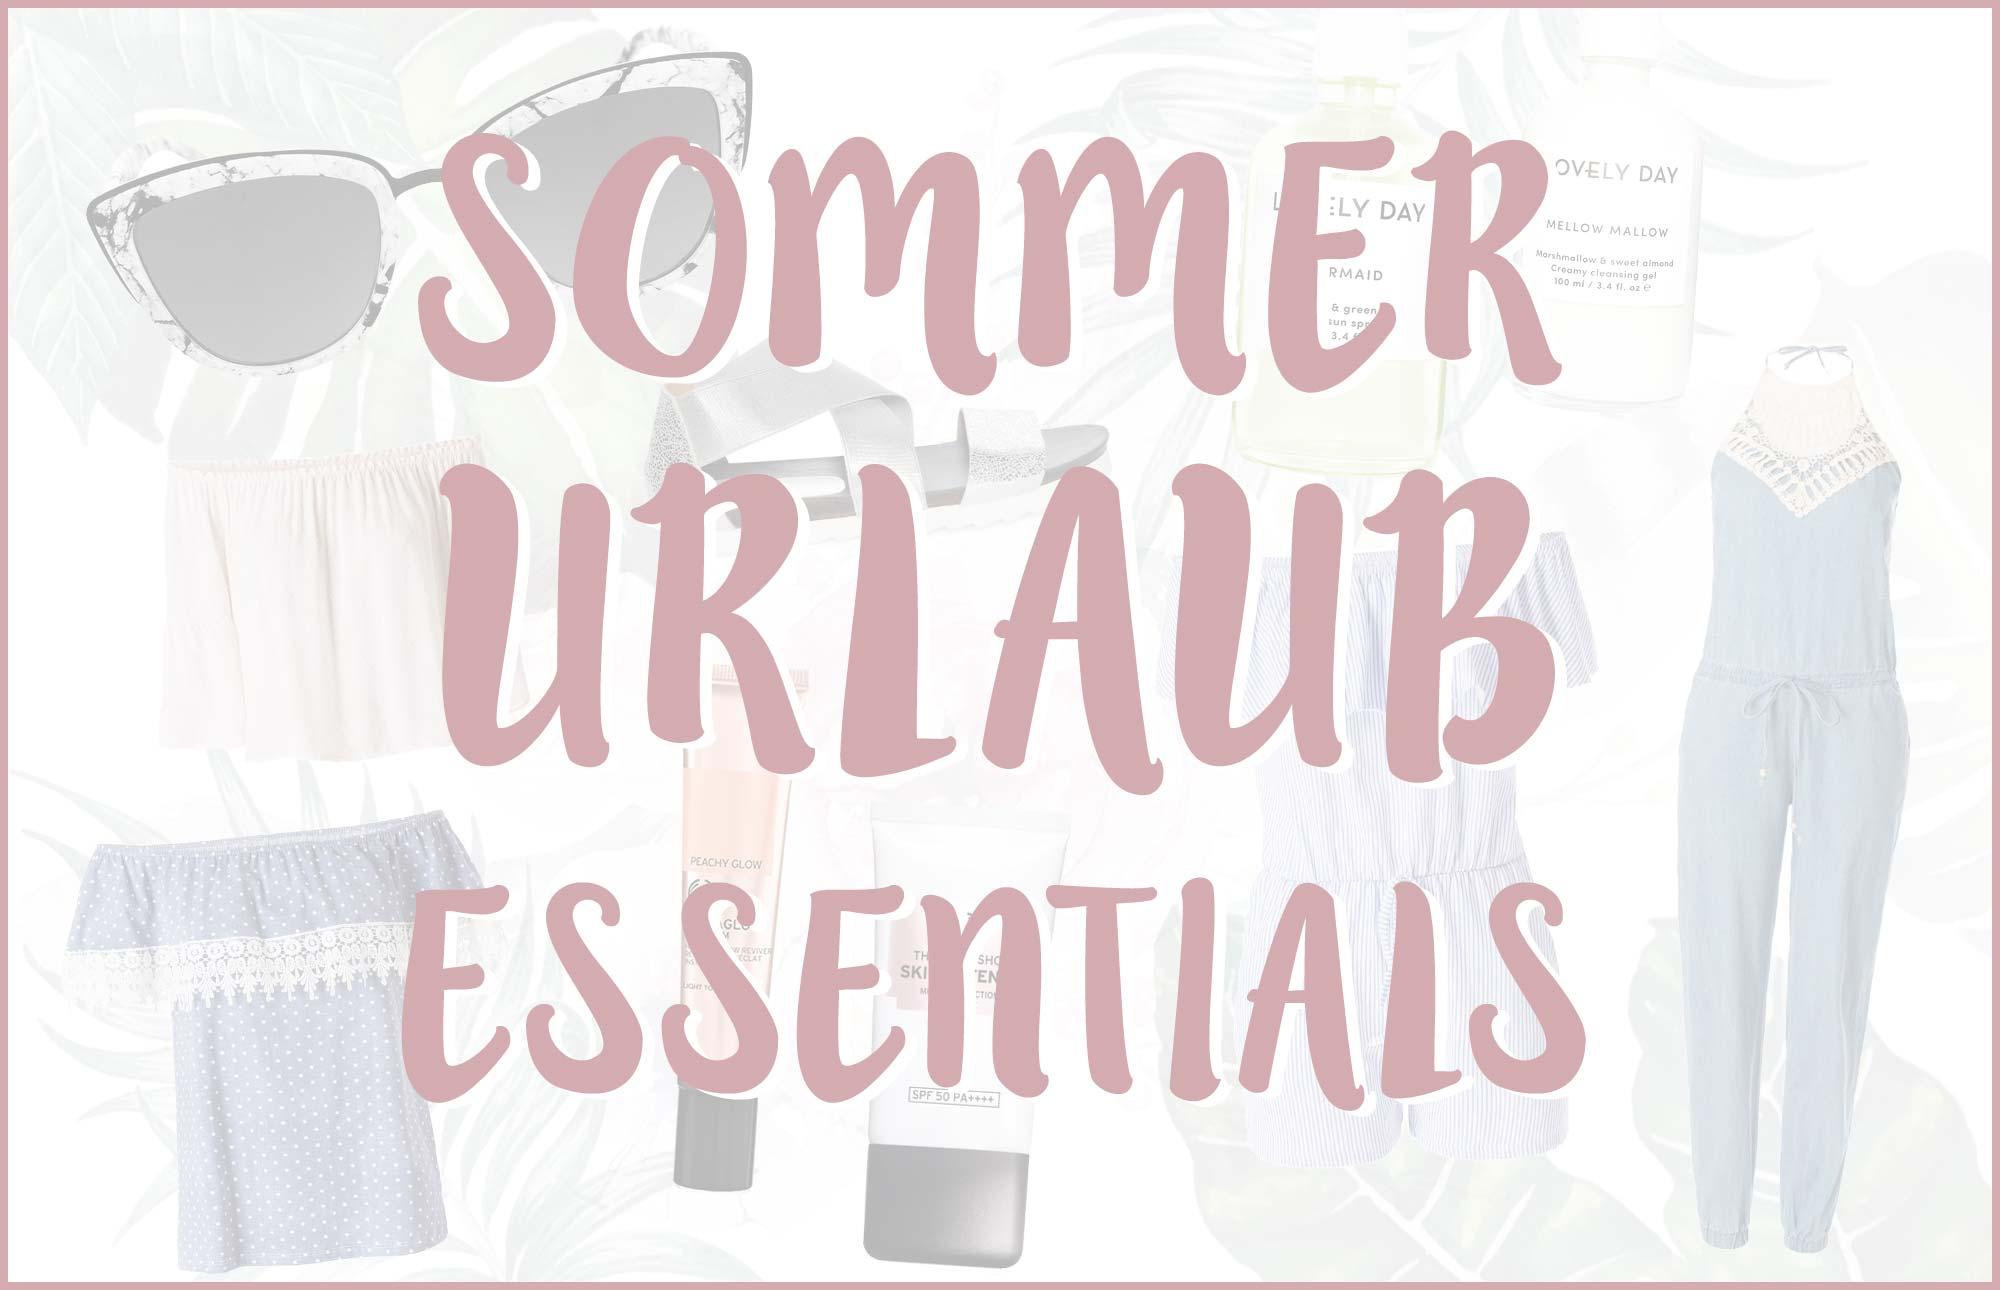 Sommerurlaub Essentials